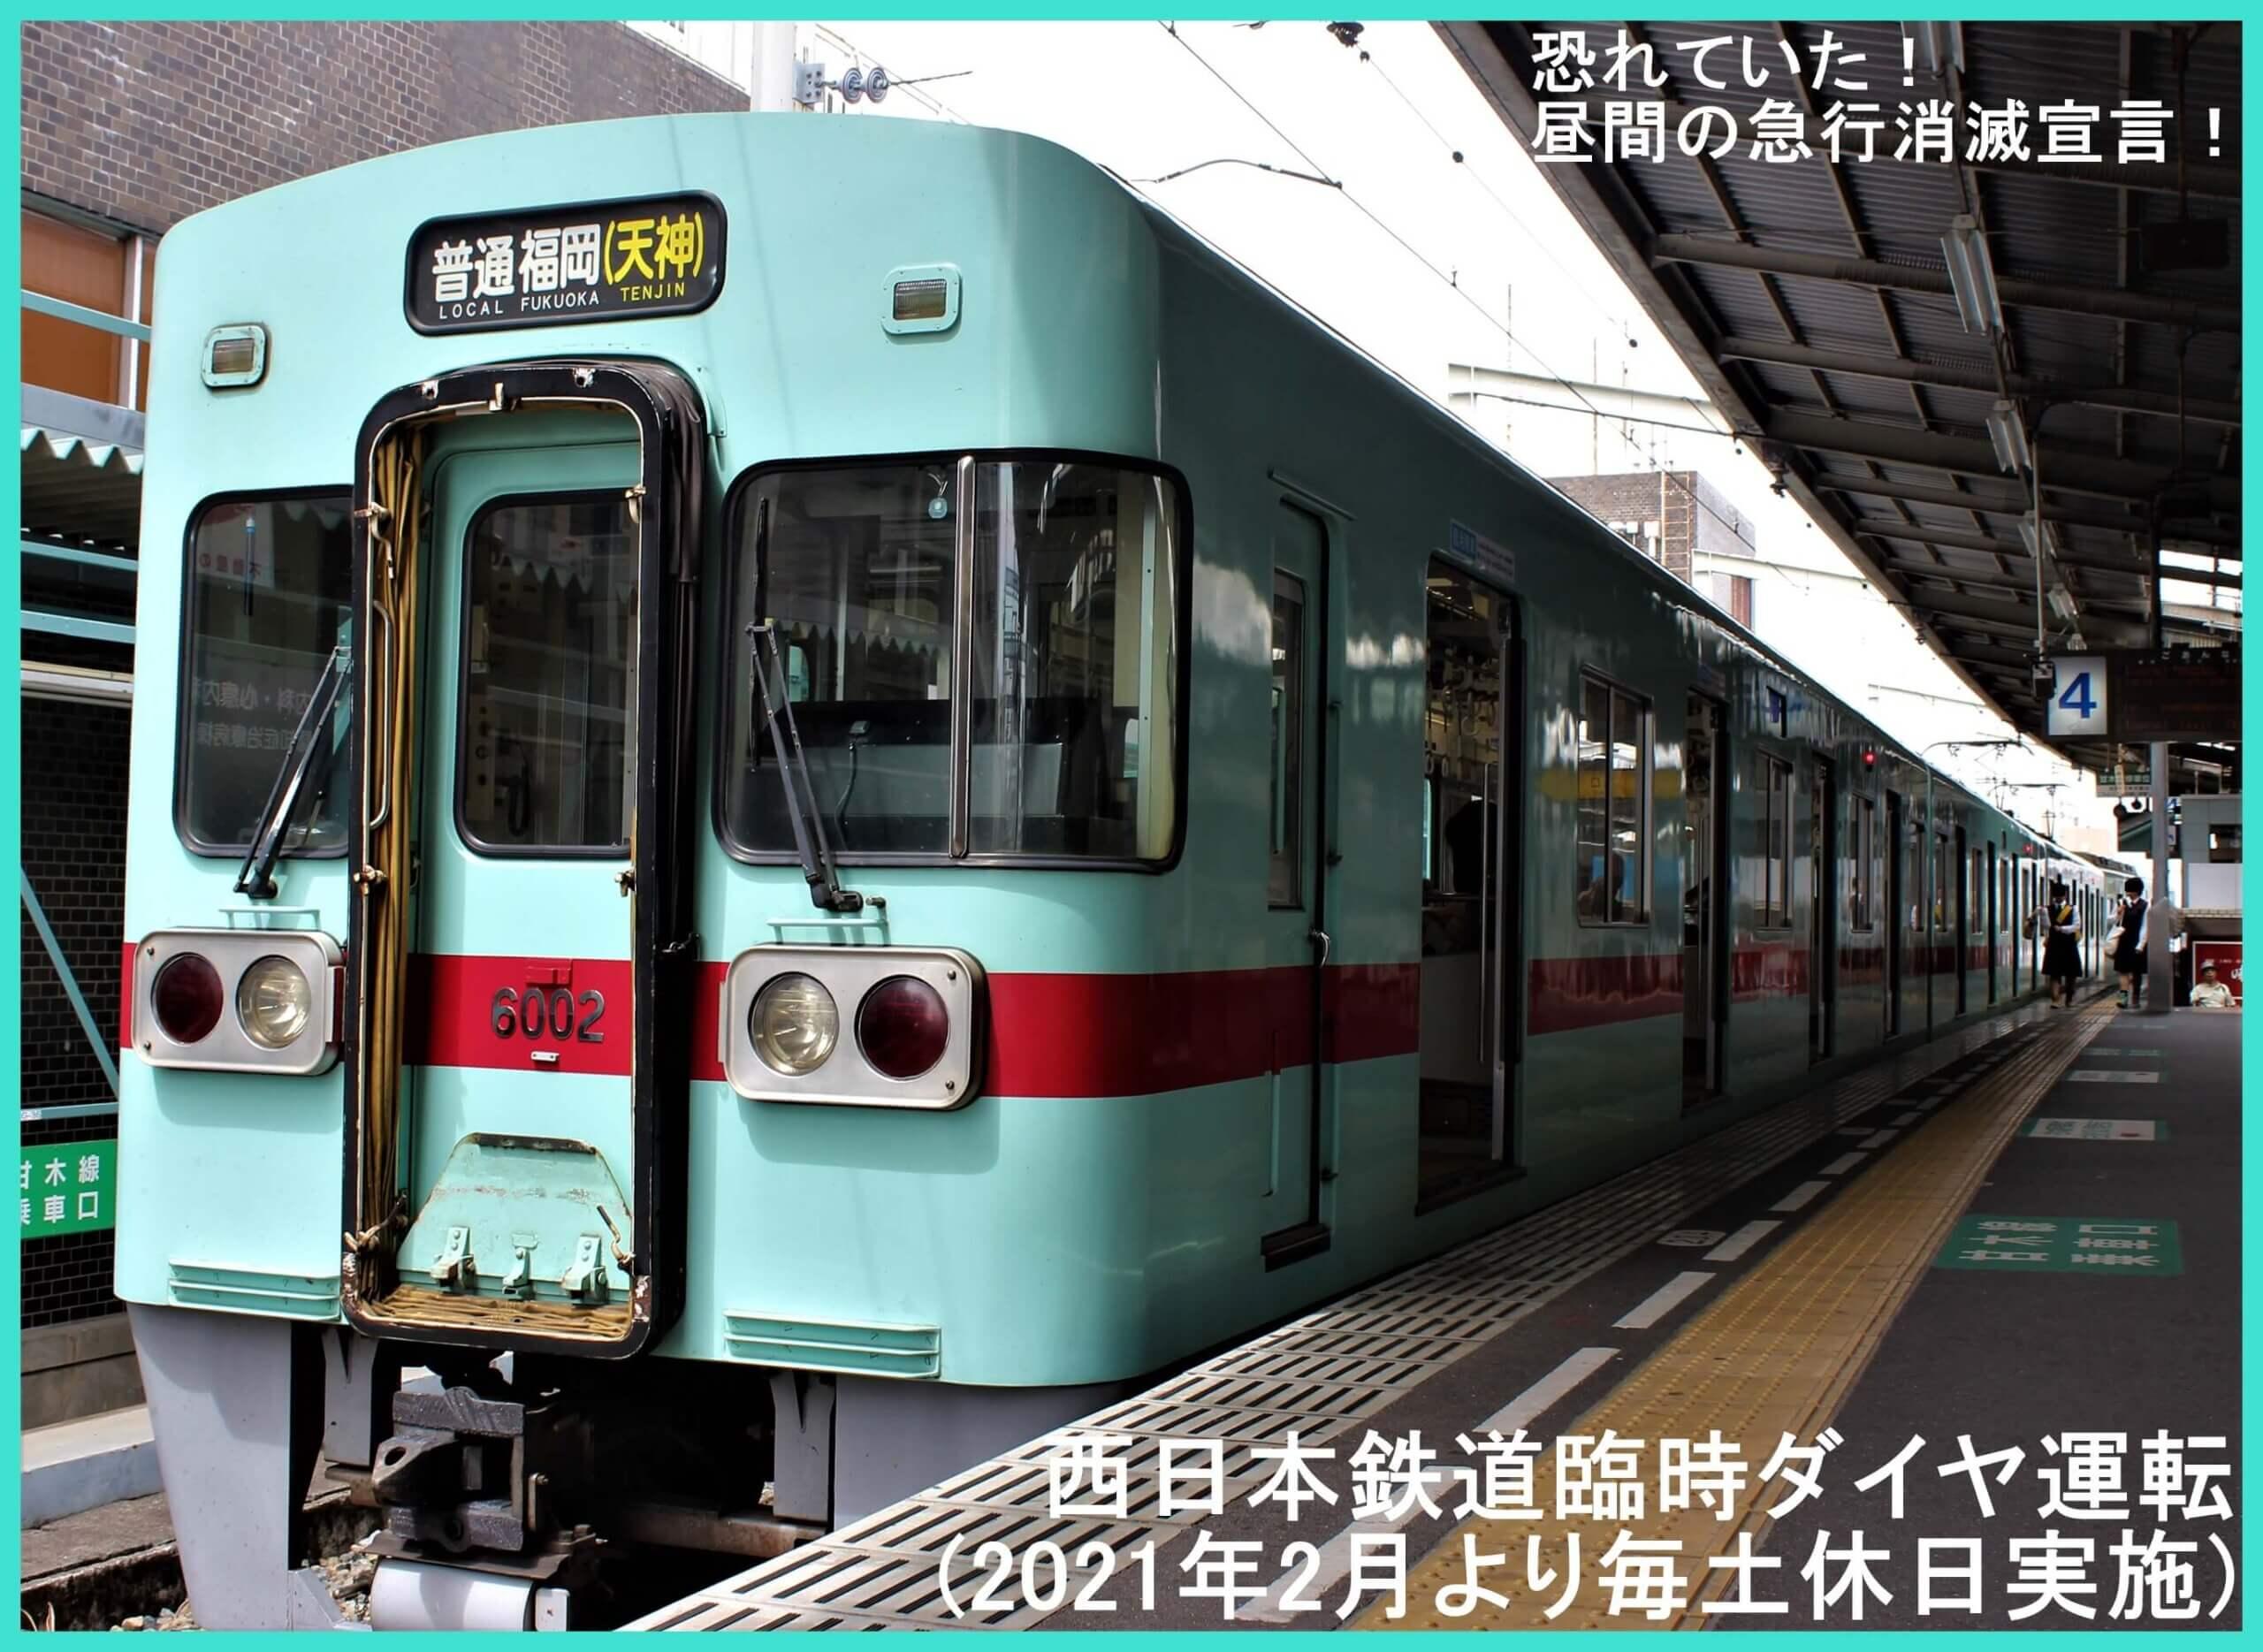 恐れていた!昼間の急行消滅宣言! 西日本鉄道臨時ダイヤ運転(2021年2月より毎土休日実施)